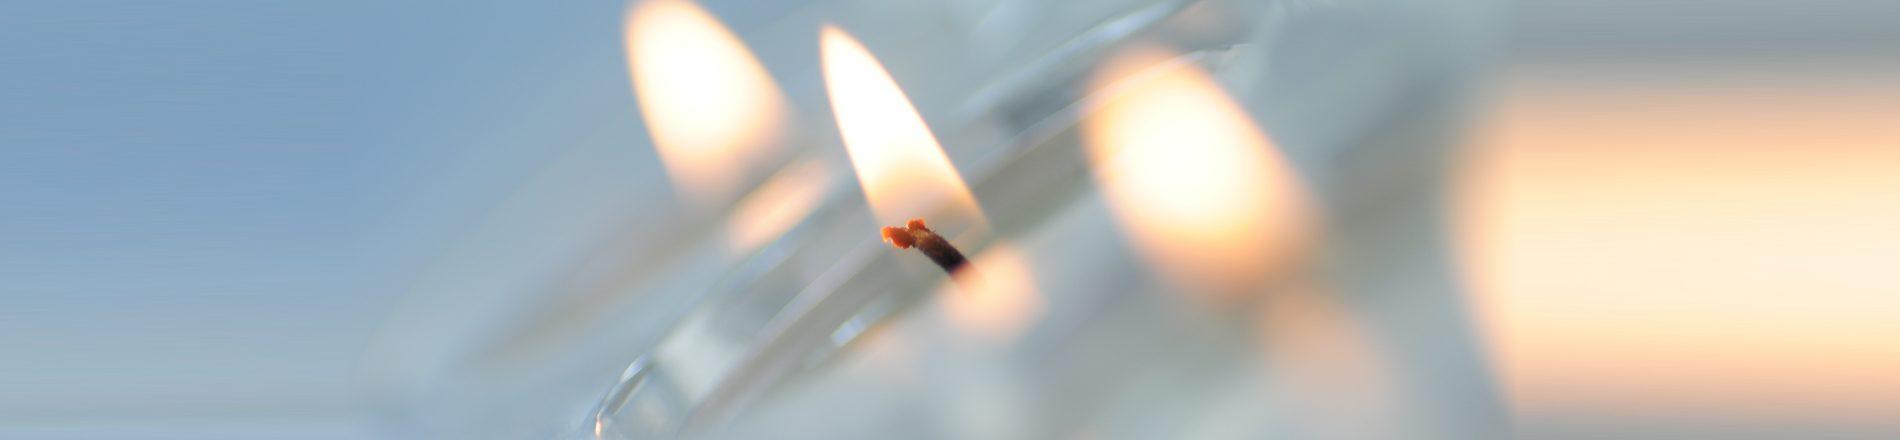 burningcandle